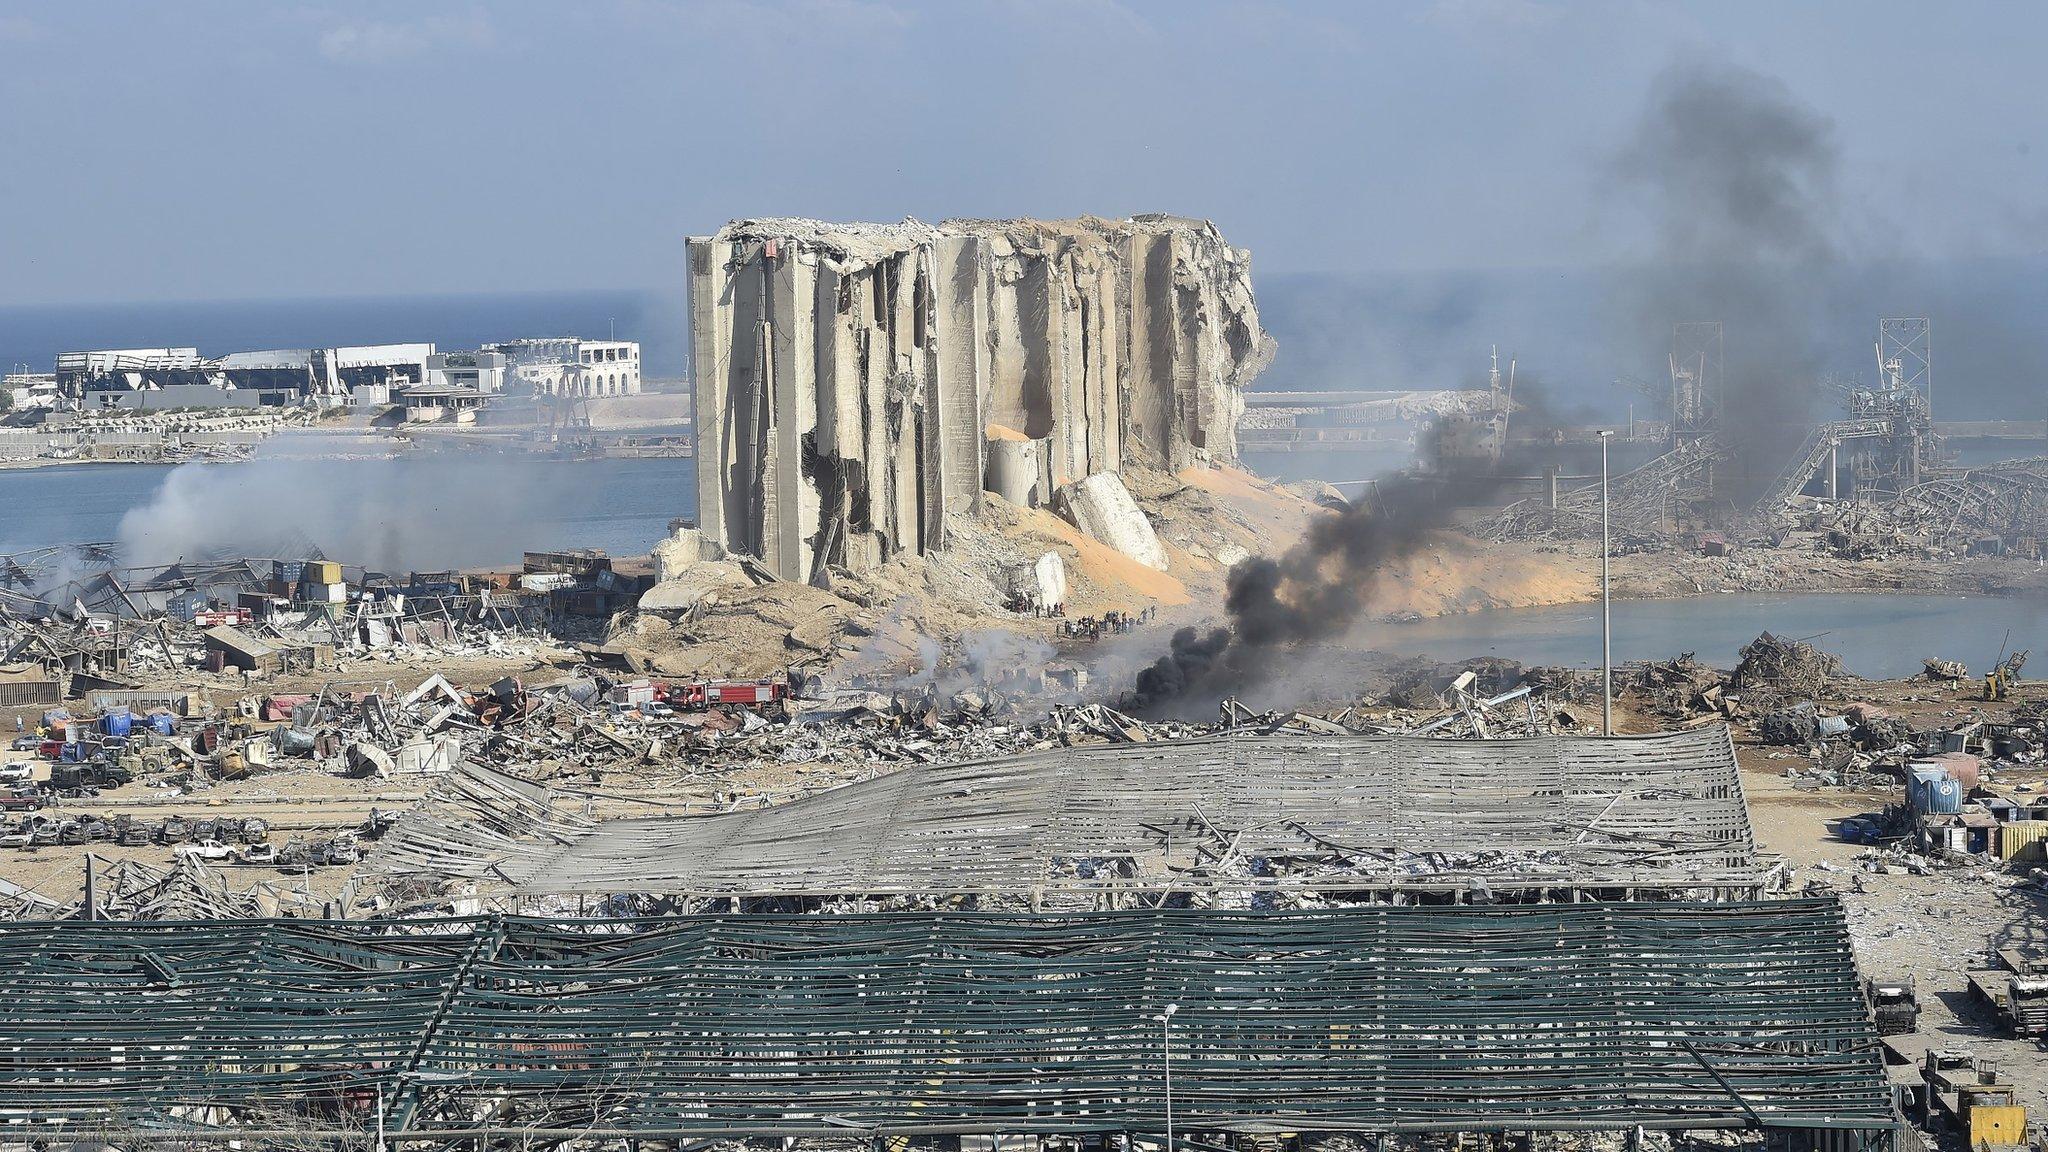 Взрыв в Бейруте: поиск пропавших, подсчет жертв и страх перед будущим